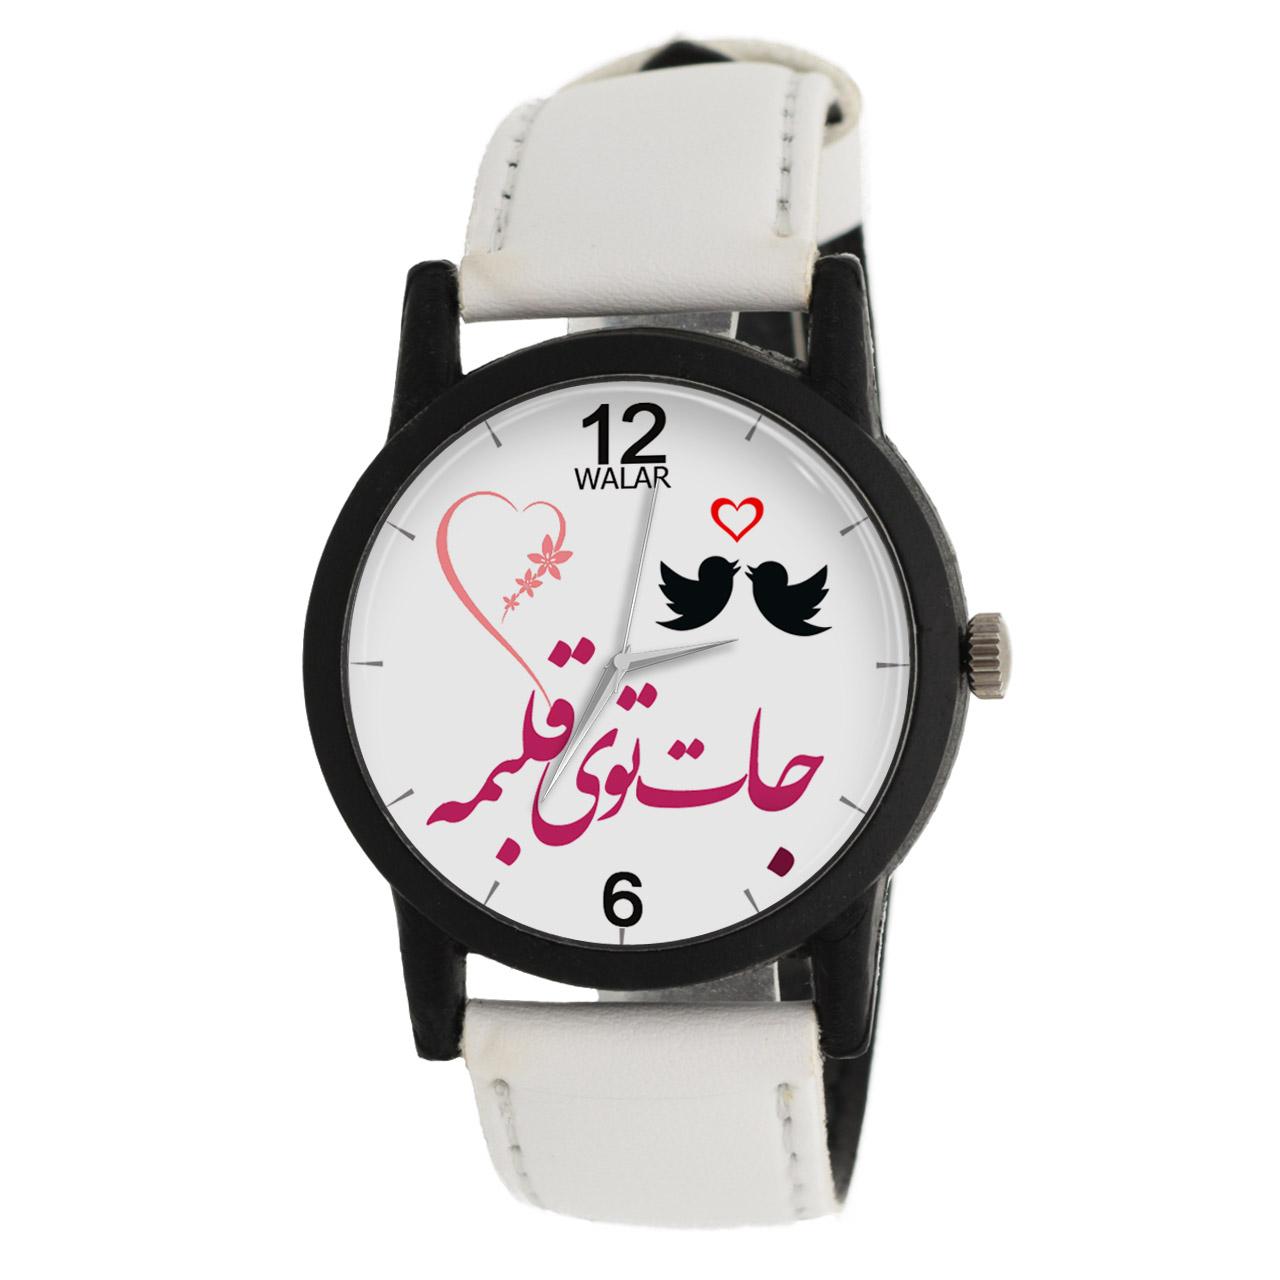 ساعت مچی عقربه ای زنانه والار مدل LF1479 17